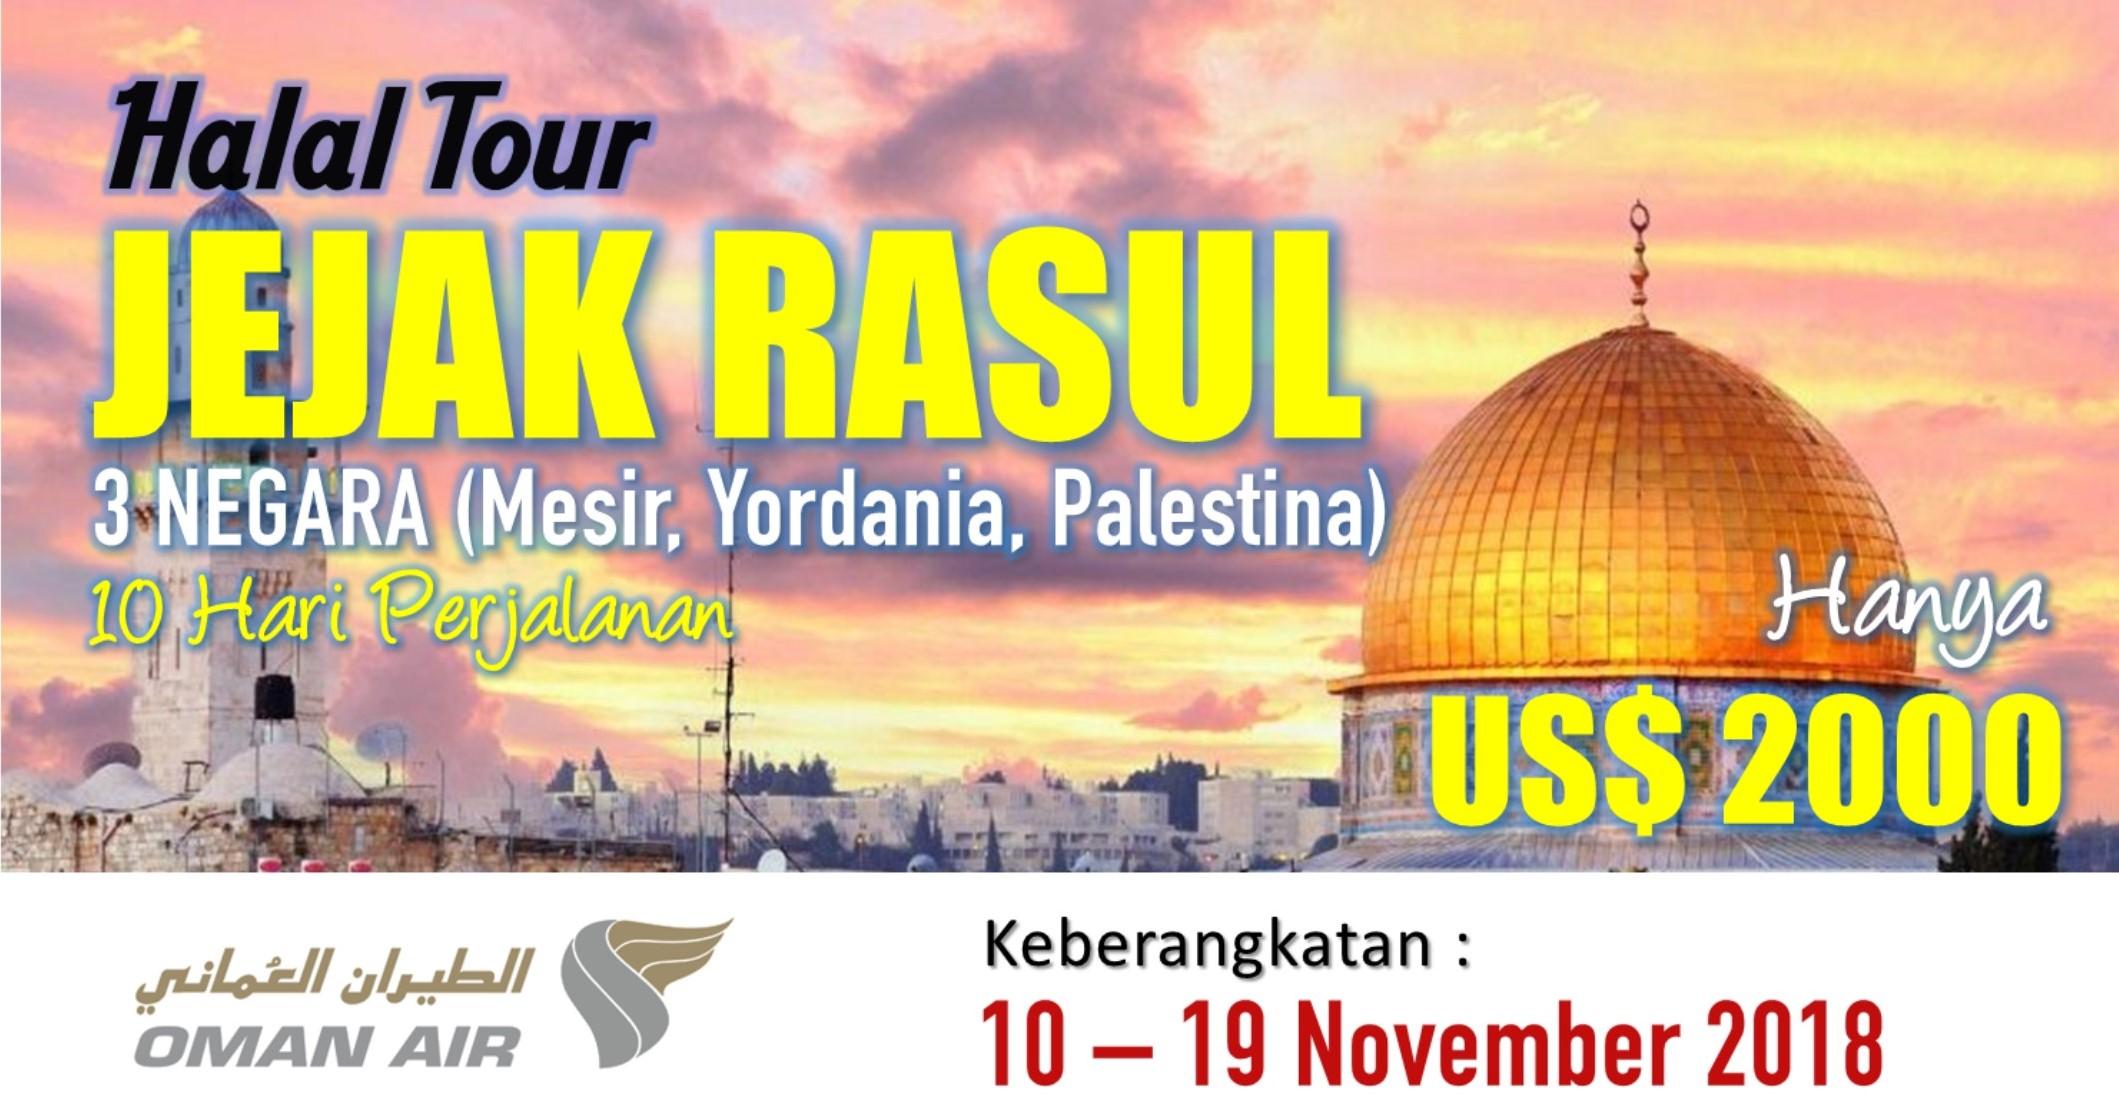 Brosur Elhasana Tour Paket Wisata 3 Negara Halal Jejak Rasul 10h